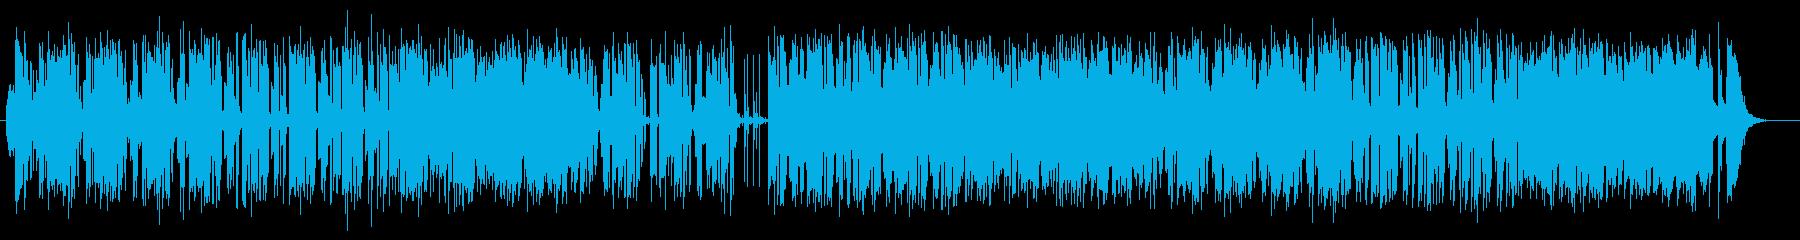 きれいな音色の快適ミュージックの再生済みの波形